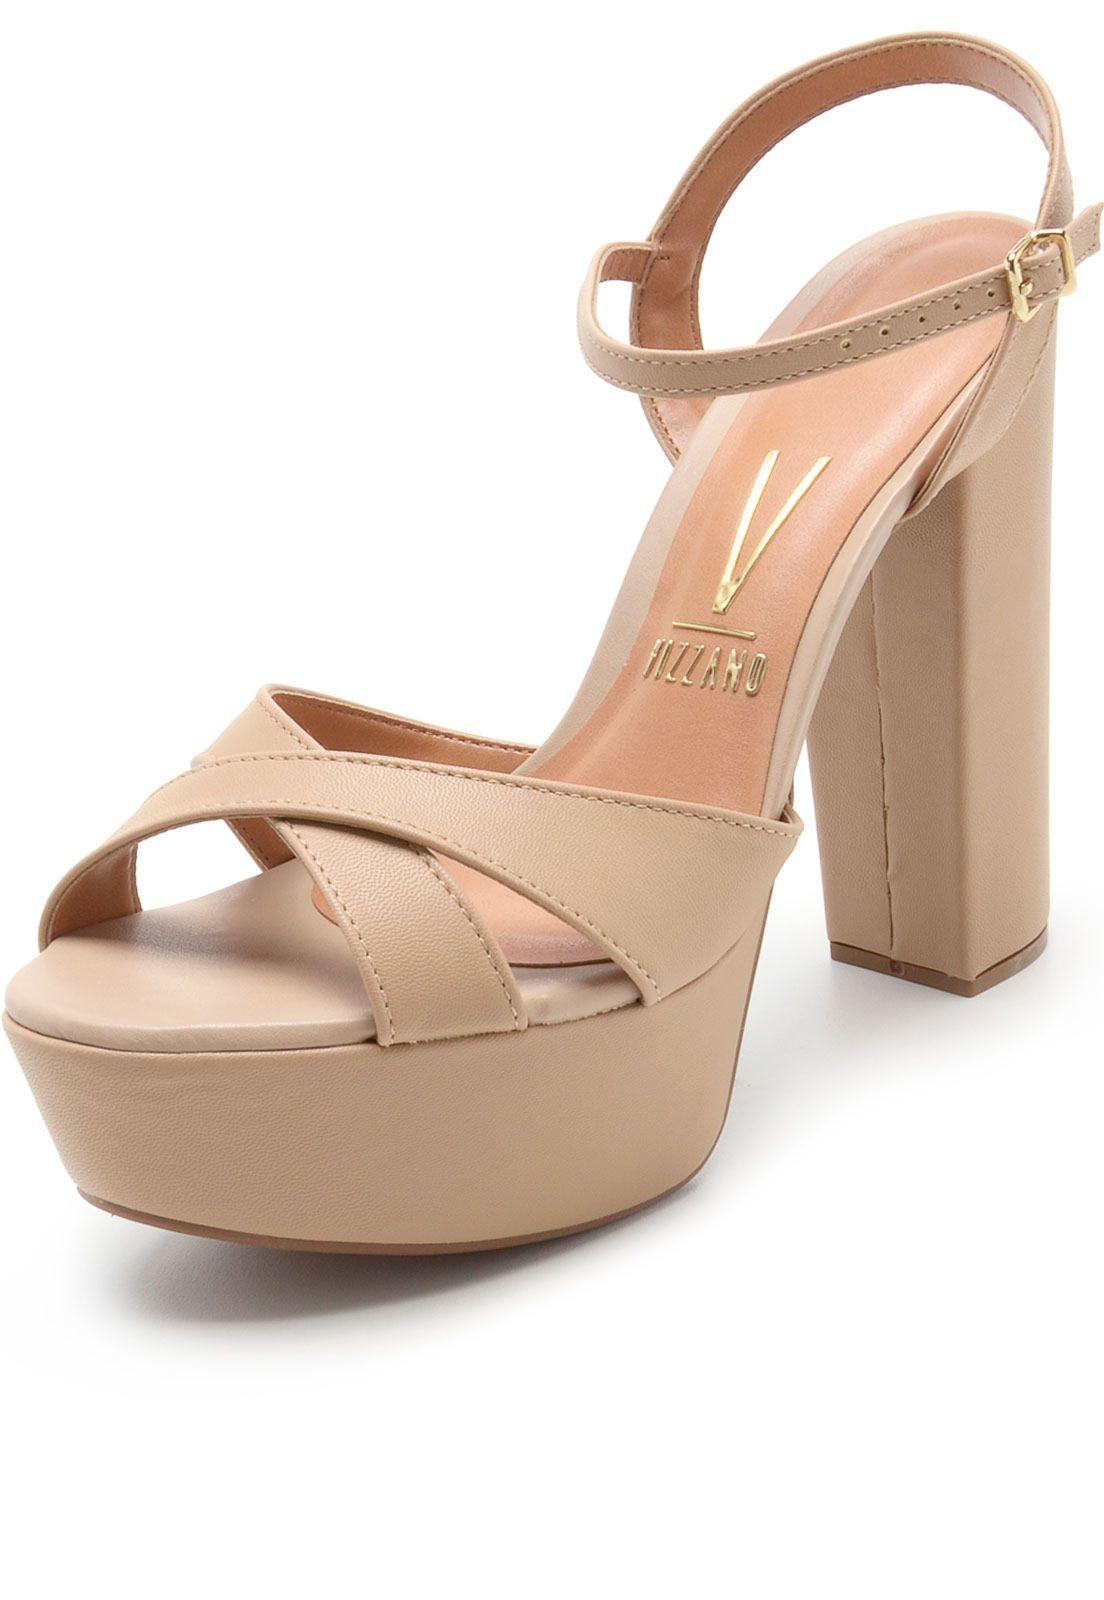 529b435f2 Sandália Vizzano Salto Grosso Nude em 2019 | Shoes | Shoes, Prom ...